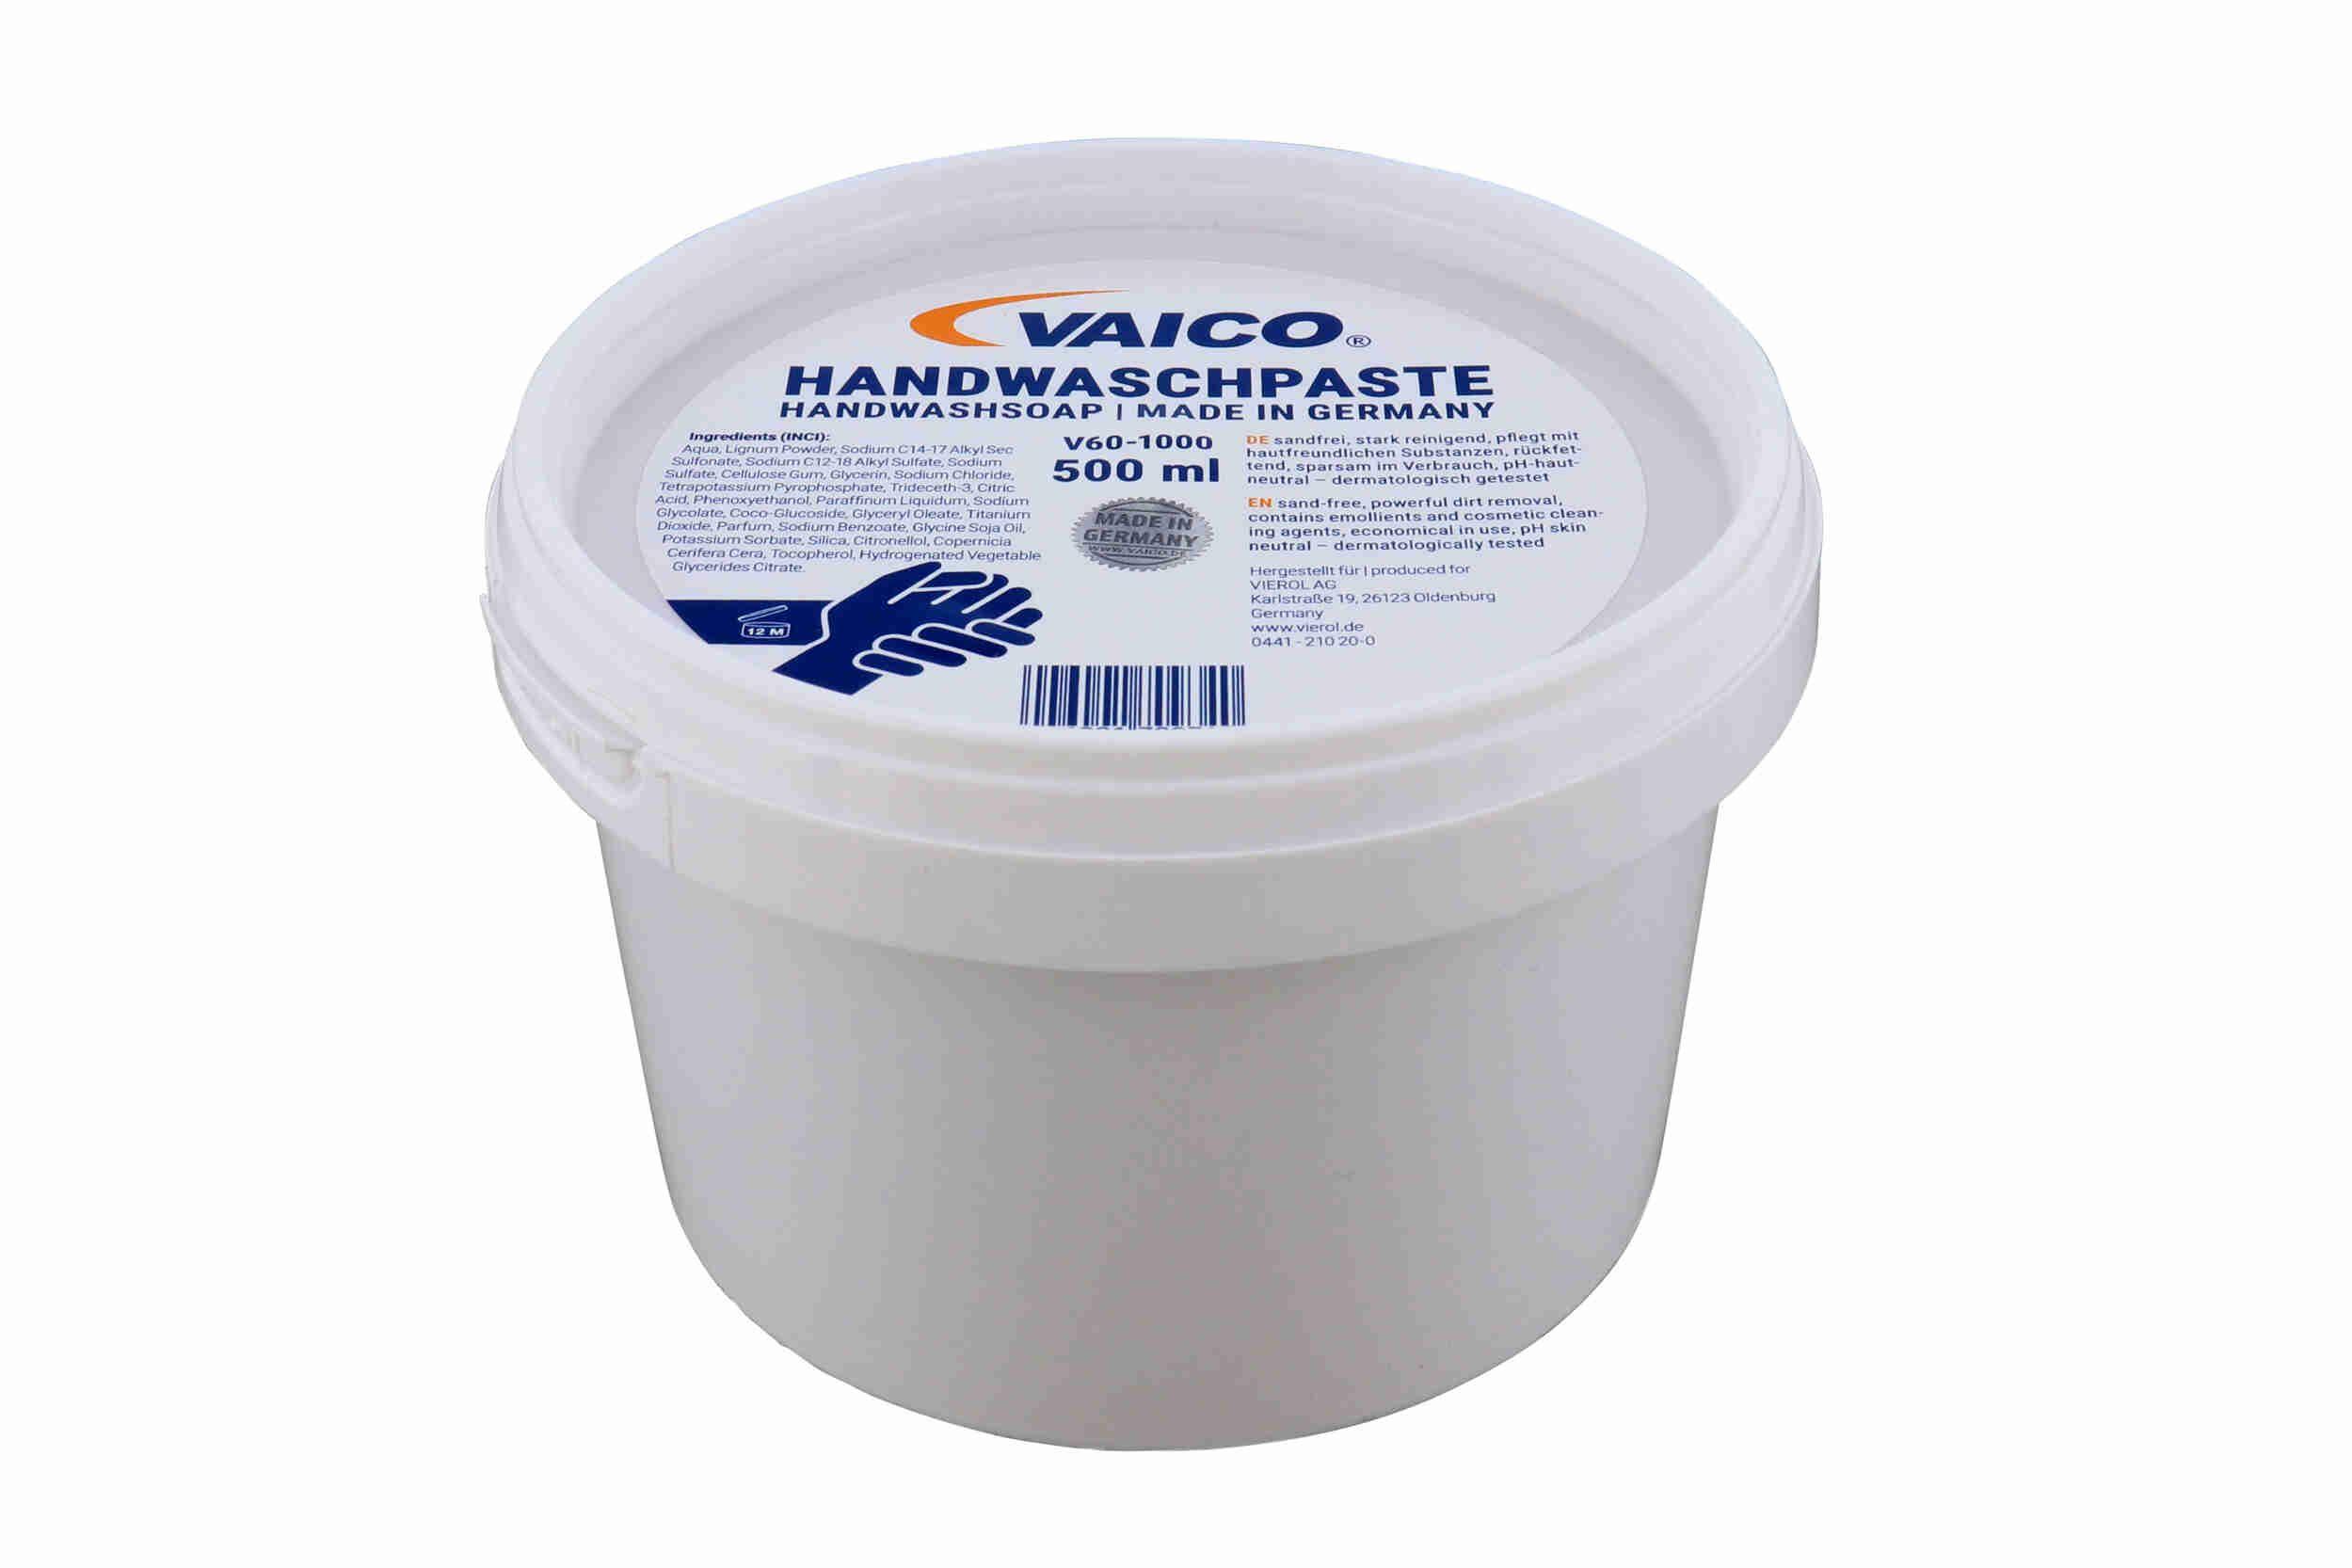 Środki do mycia rąk VAICO Handwaschpaste oceny